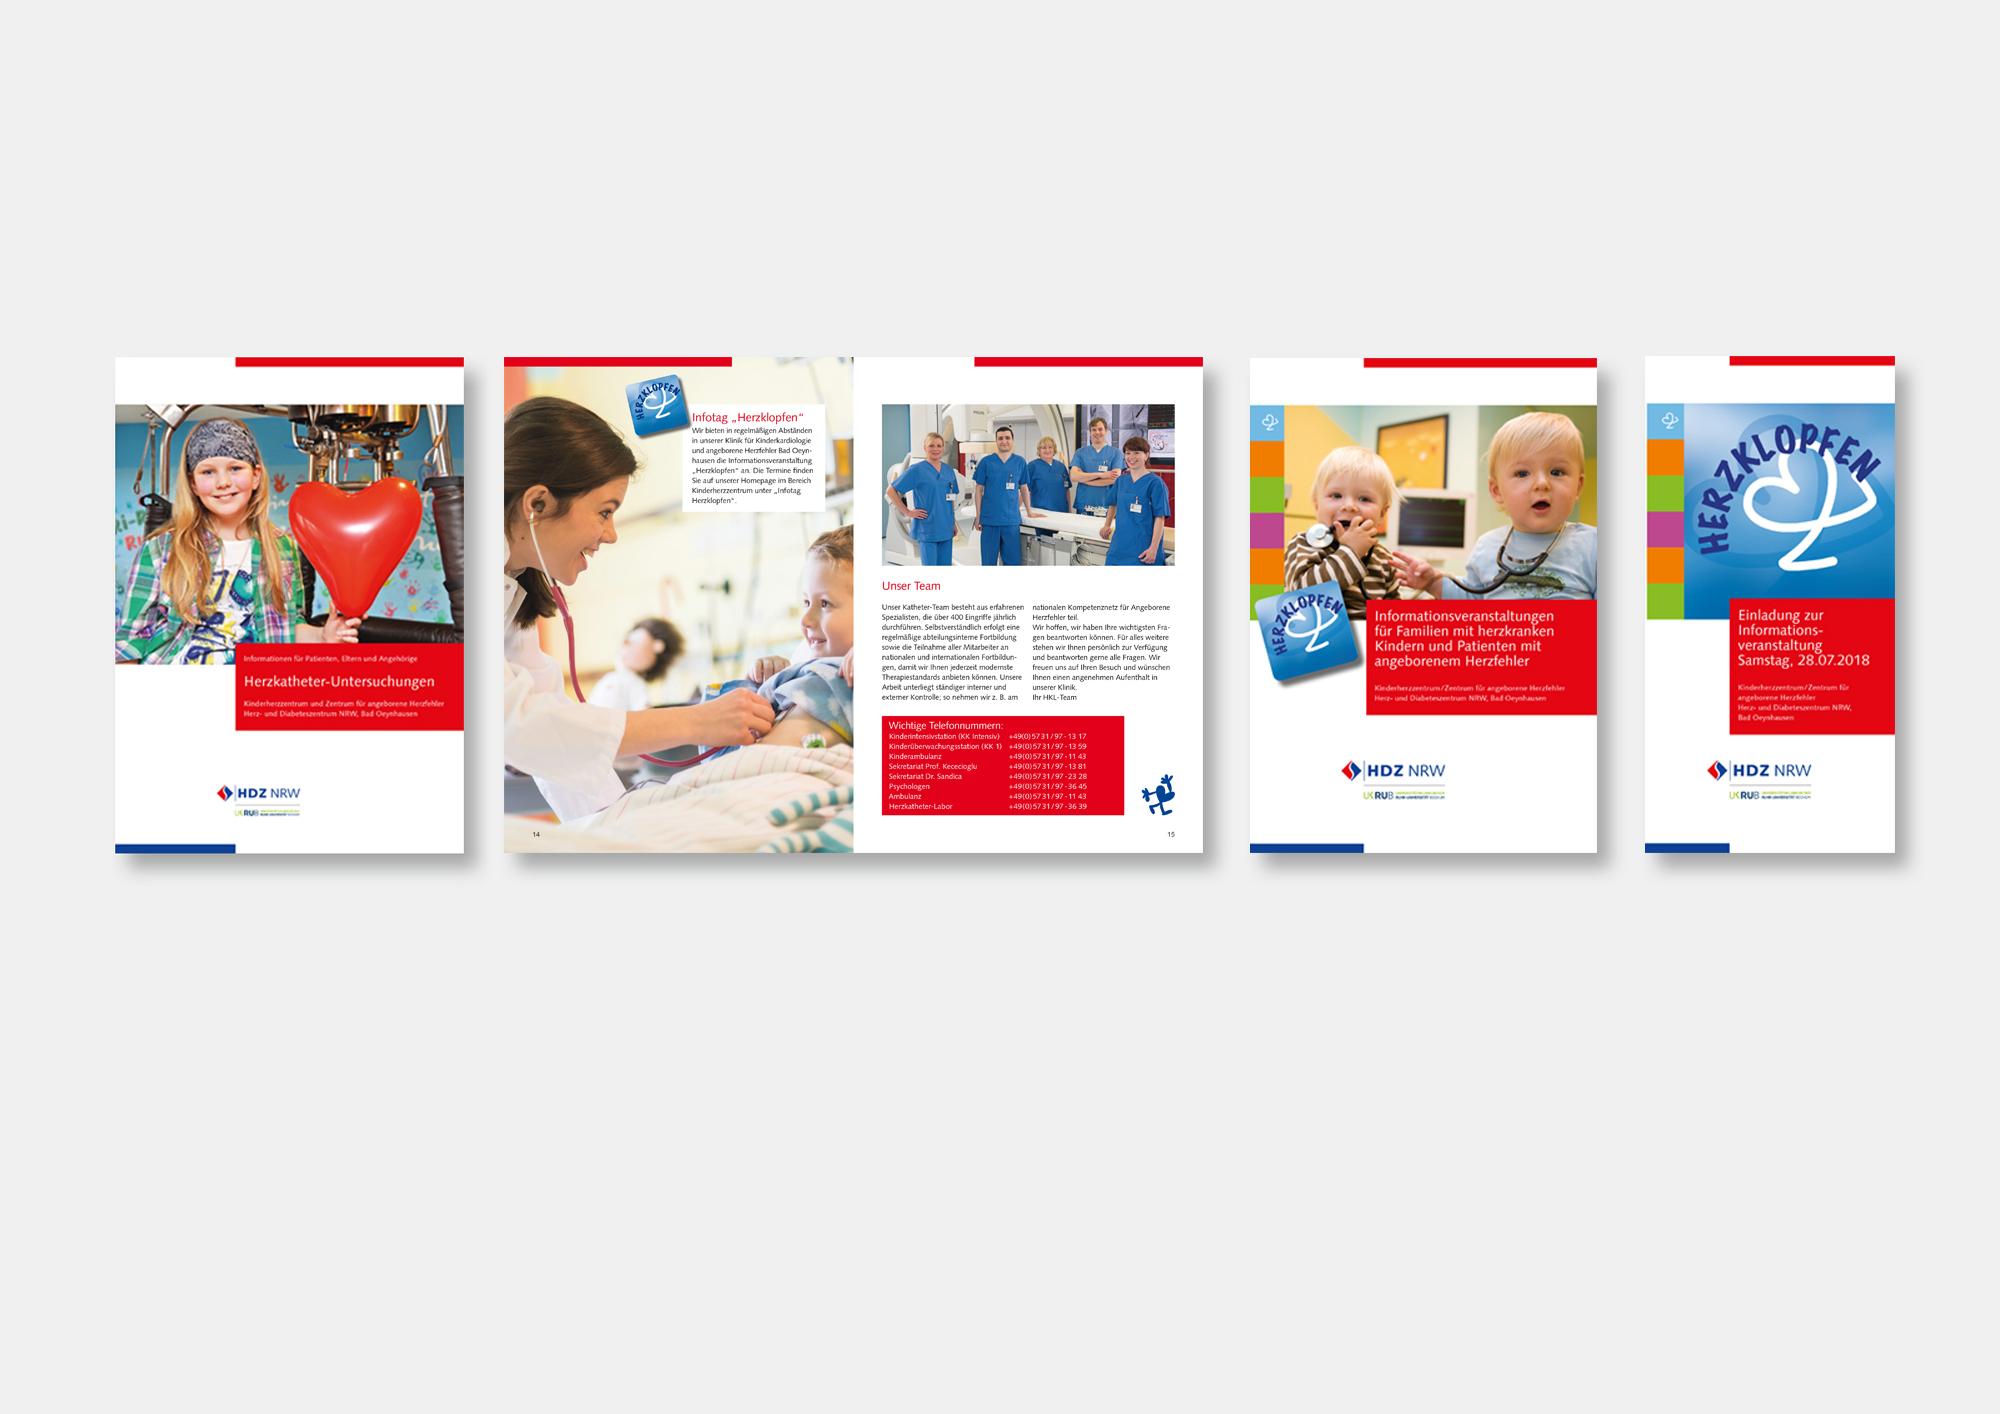 HDZ NRW Klinik für Angeborene Herzfehler · Informationen für Patienten, Eltern und Angehörige · Produktion in Zusammenarbeit mit der Presse- und Öffentlichkeitsarbeit HDZ